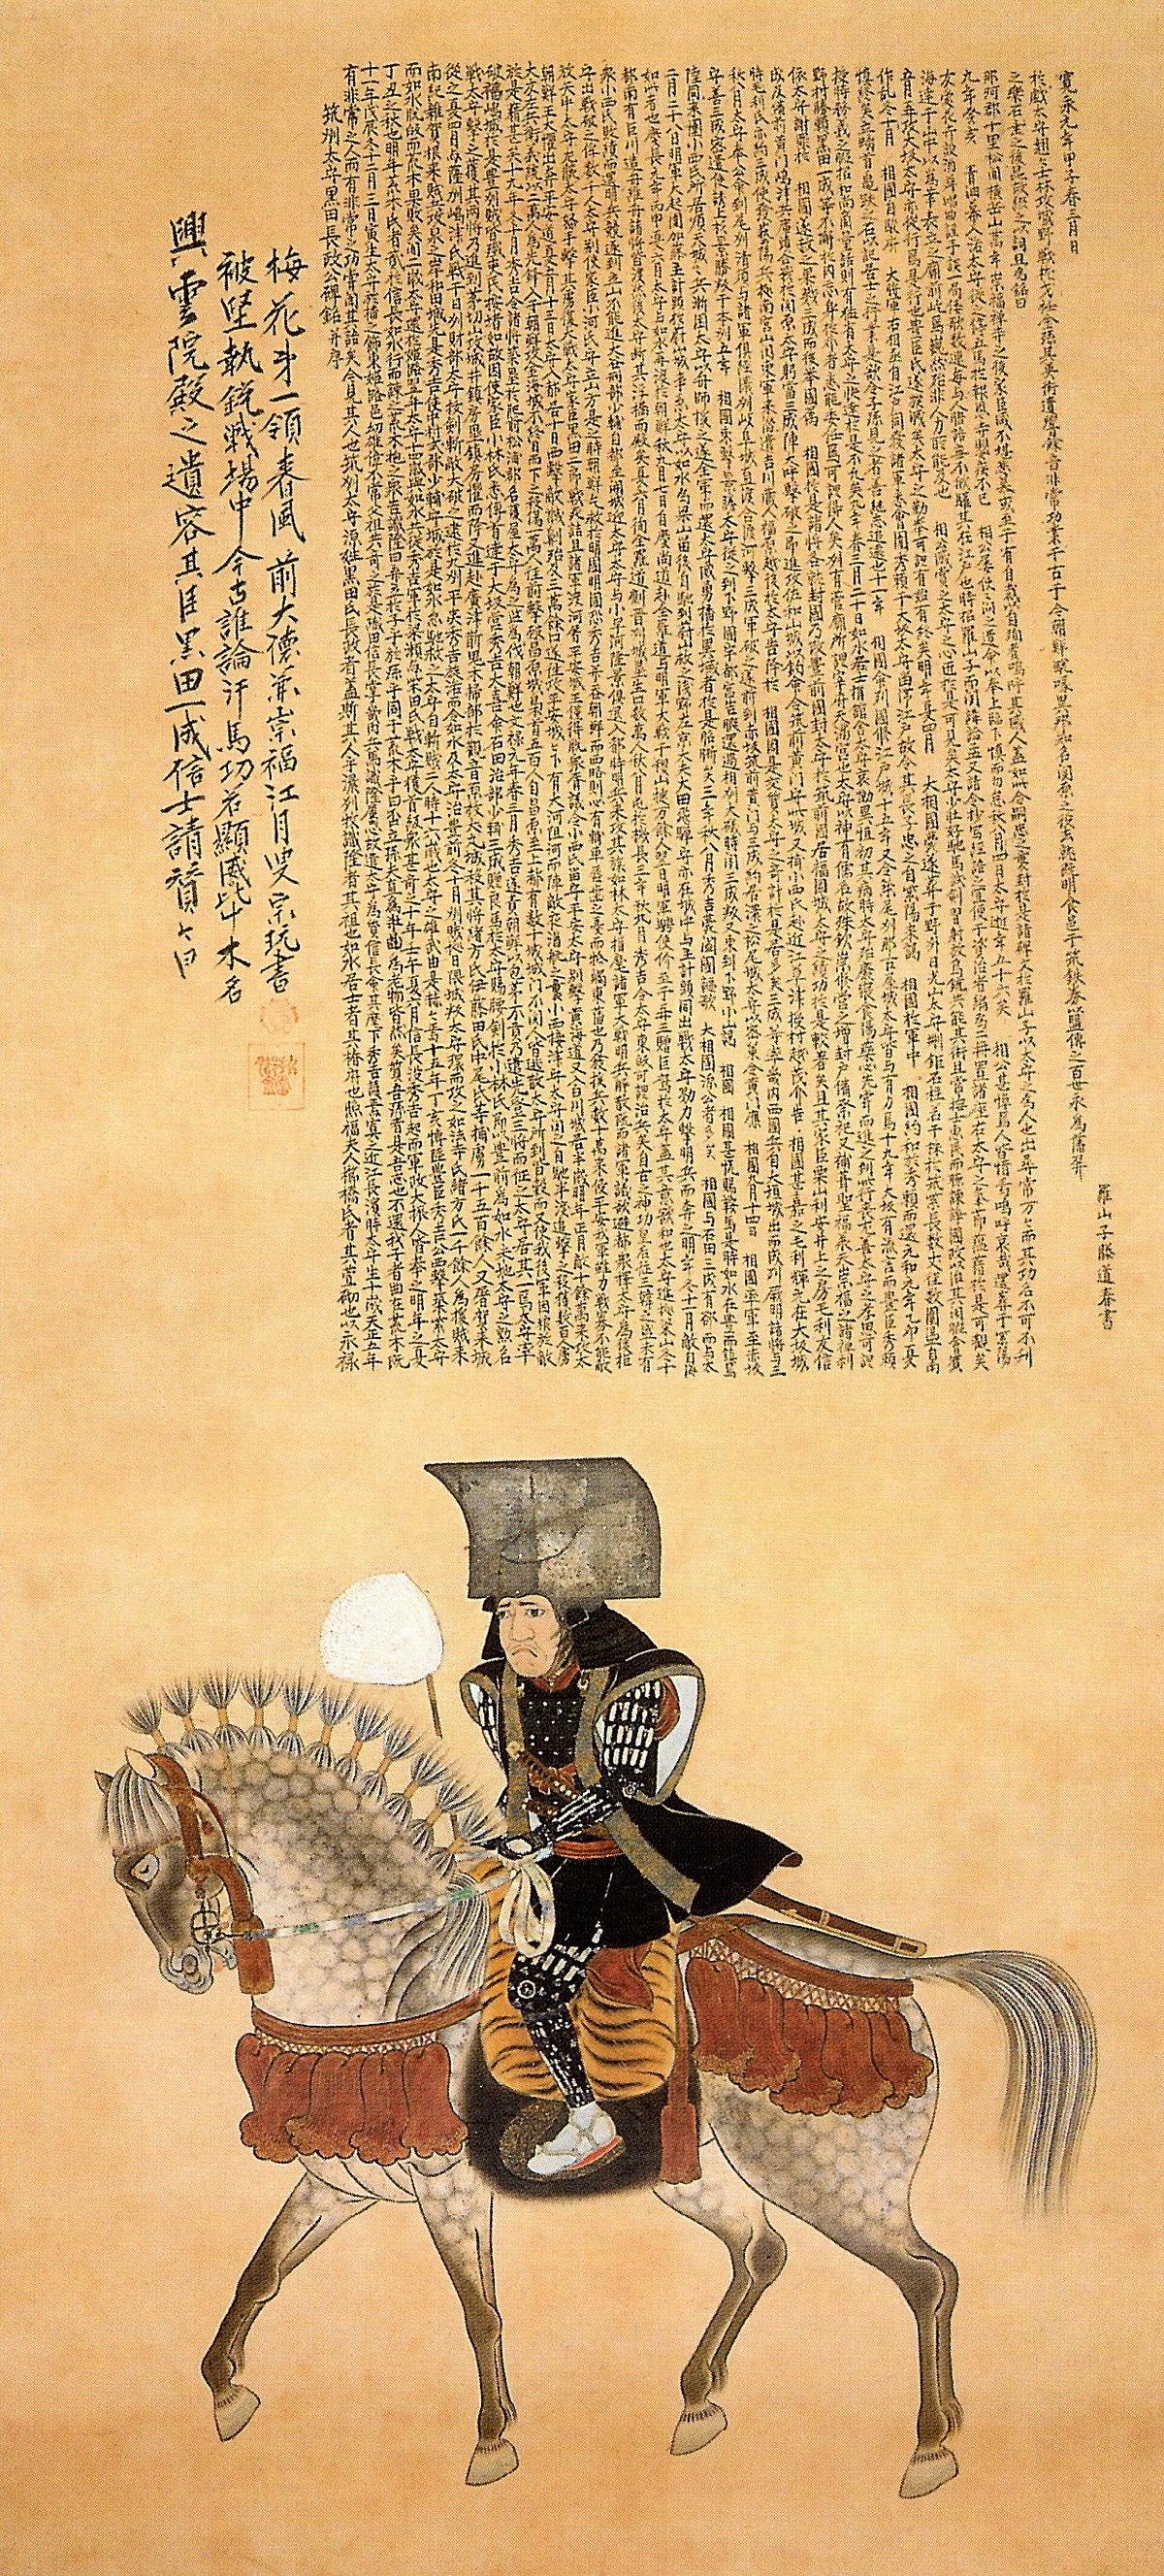 Kuroda Nagamasa - Wikipedia